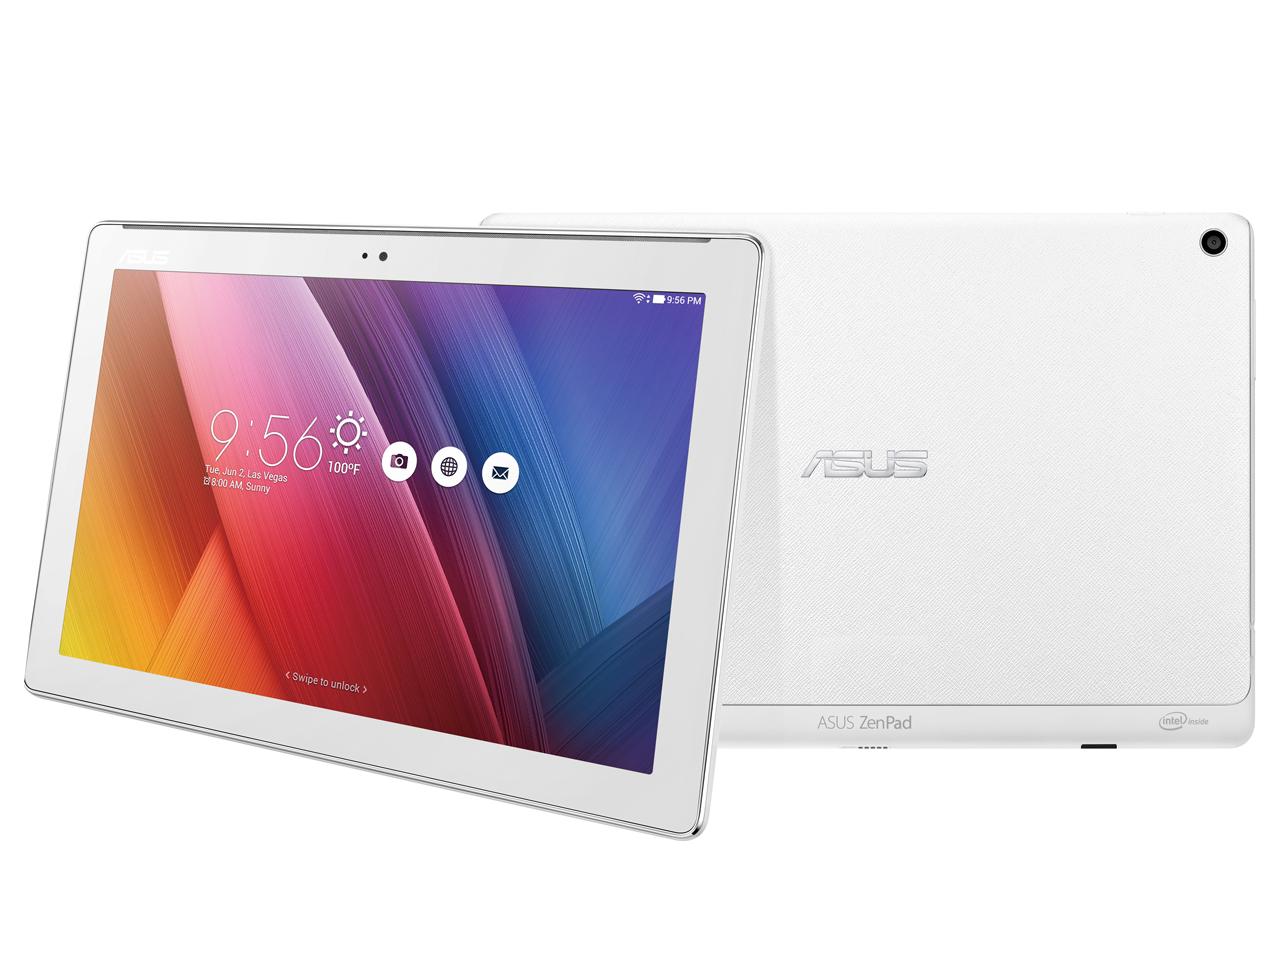 ASUS ZenPad 10 Z300C-WH16 [ホワイト] の製品画像